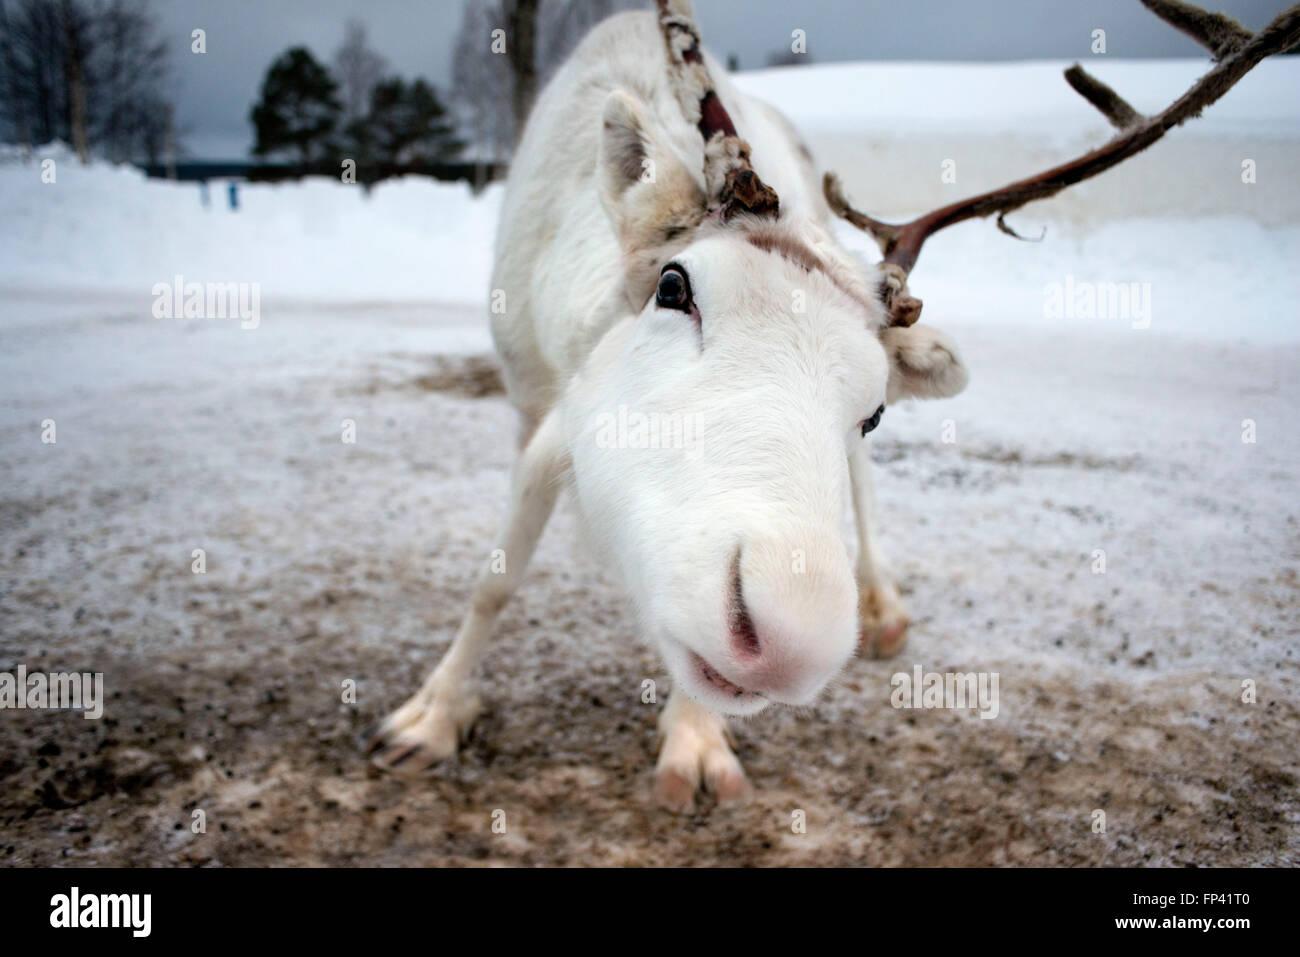 Le renne in Lapponia Rovaniemi FINLANDIA. La renna è una icona della Lapponia finlandese, e c'è una Immagini Stock